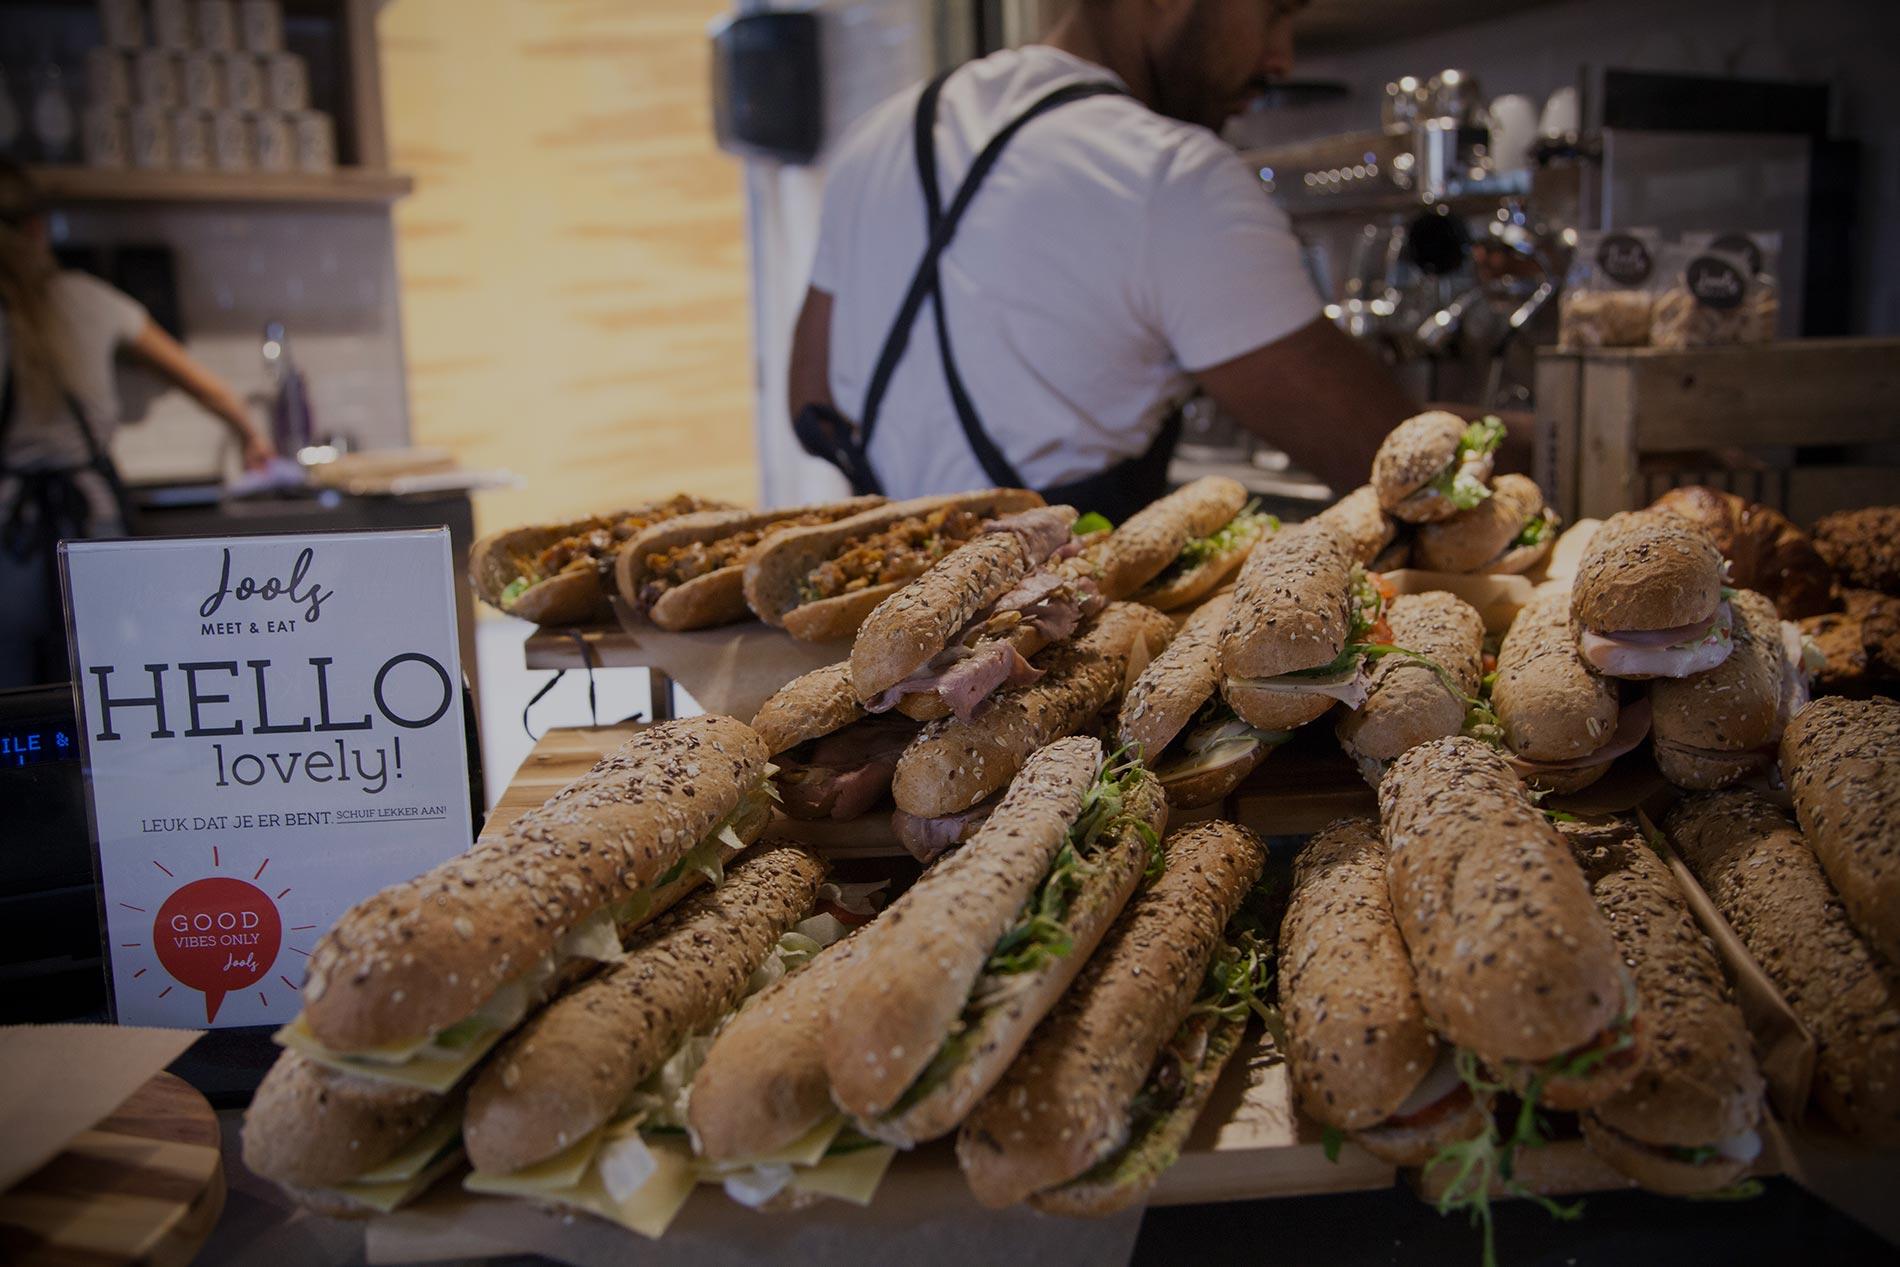 Jools Meet & Eat serveert verse broodjes voor jouw zakelijke lunch